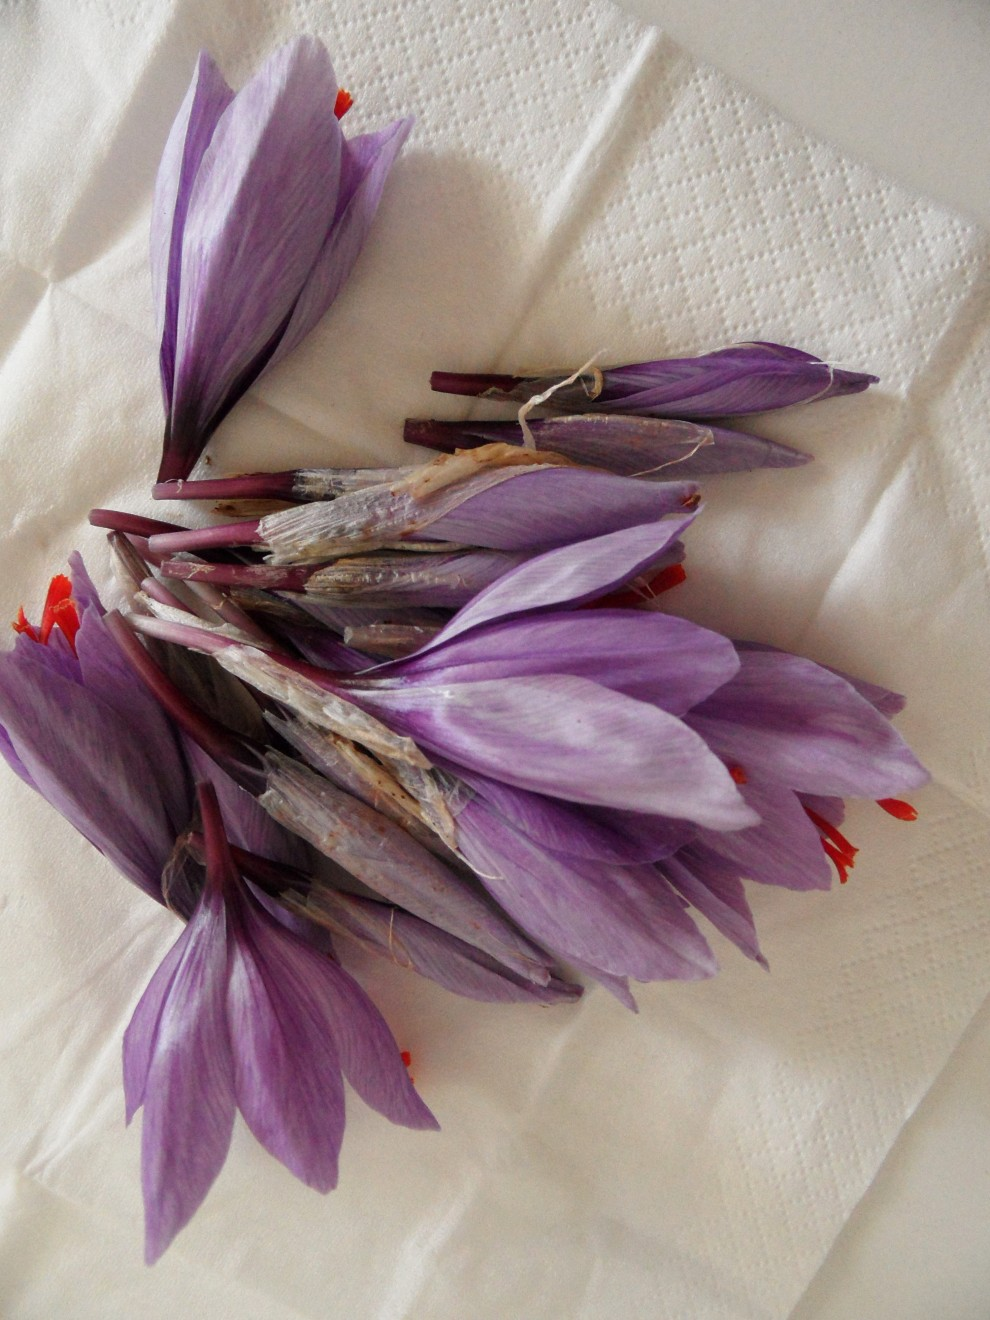 I fiori di zafferano raccolti per una lavorazione dimostrativa, non destinata alla produzione